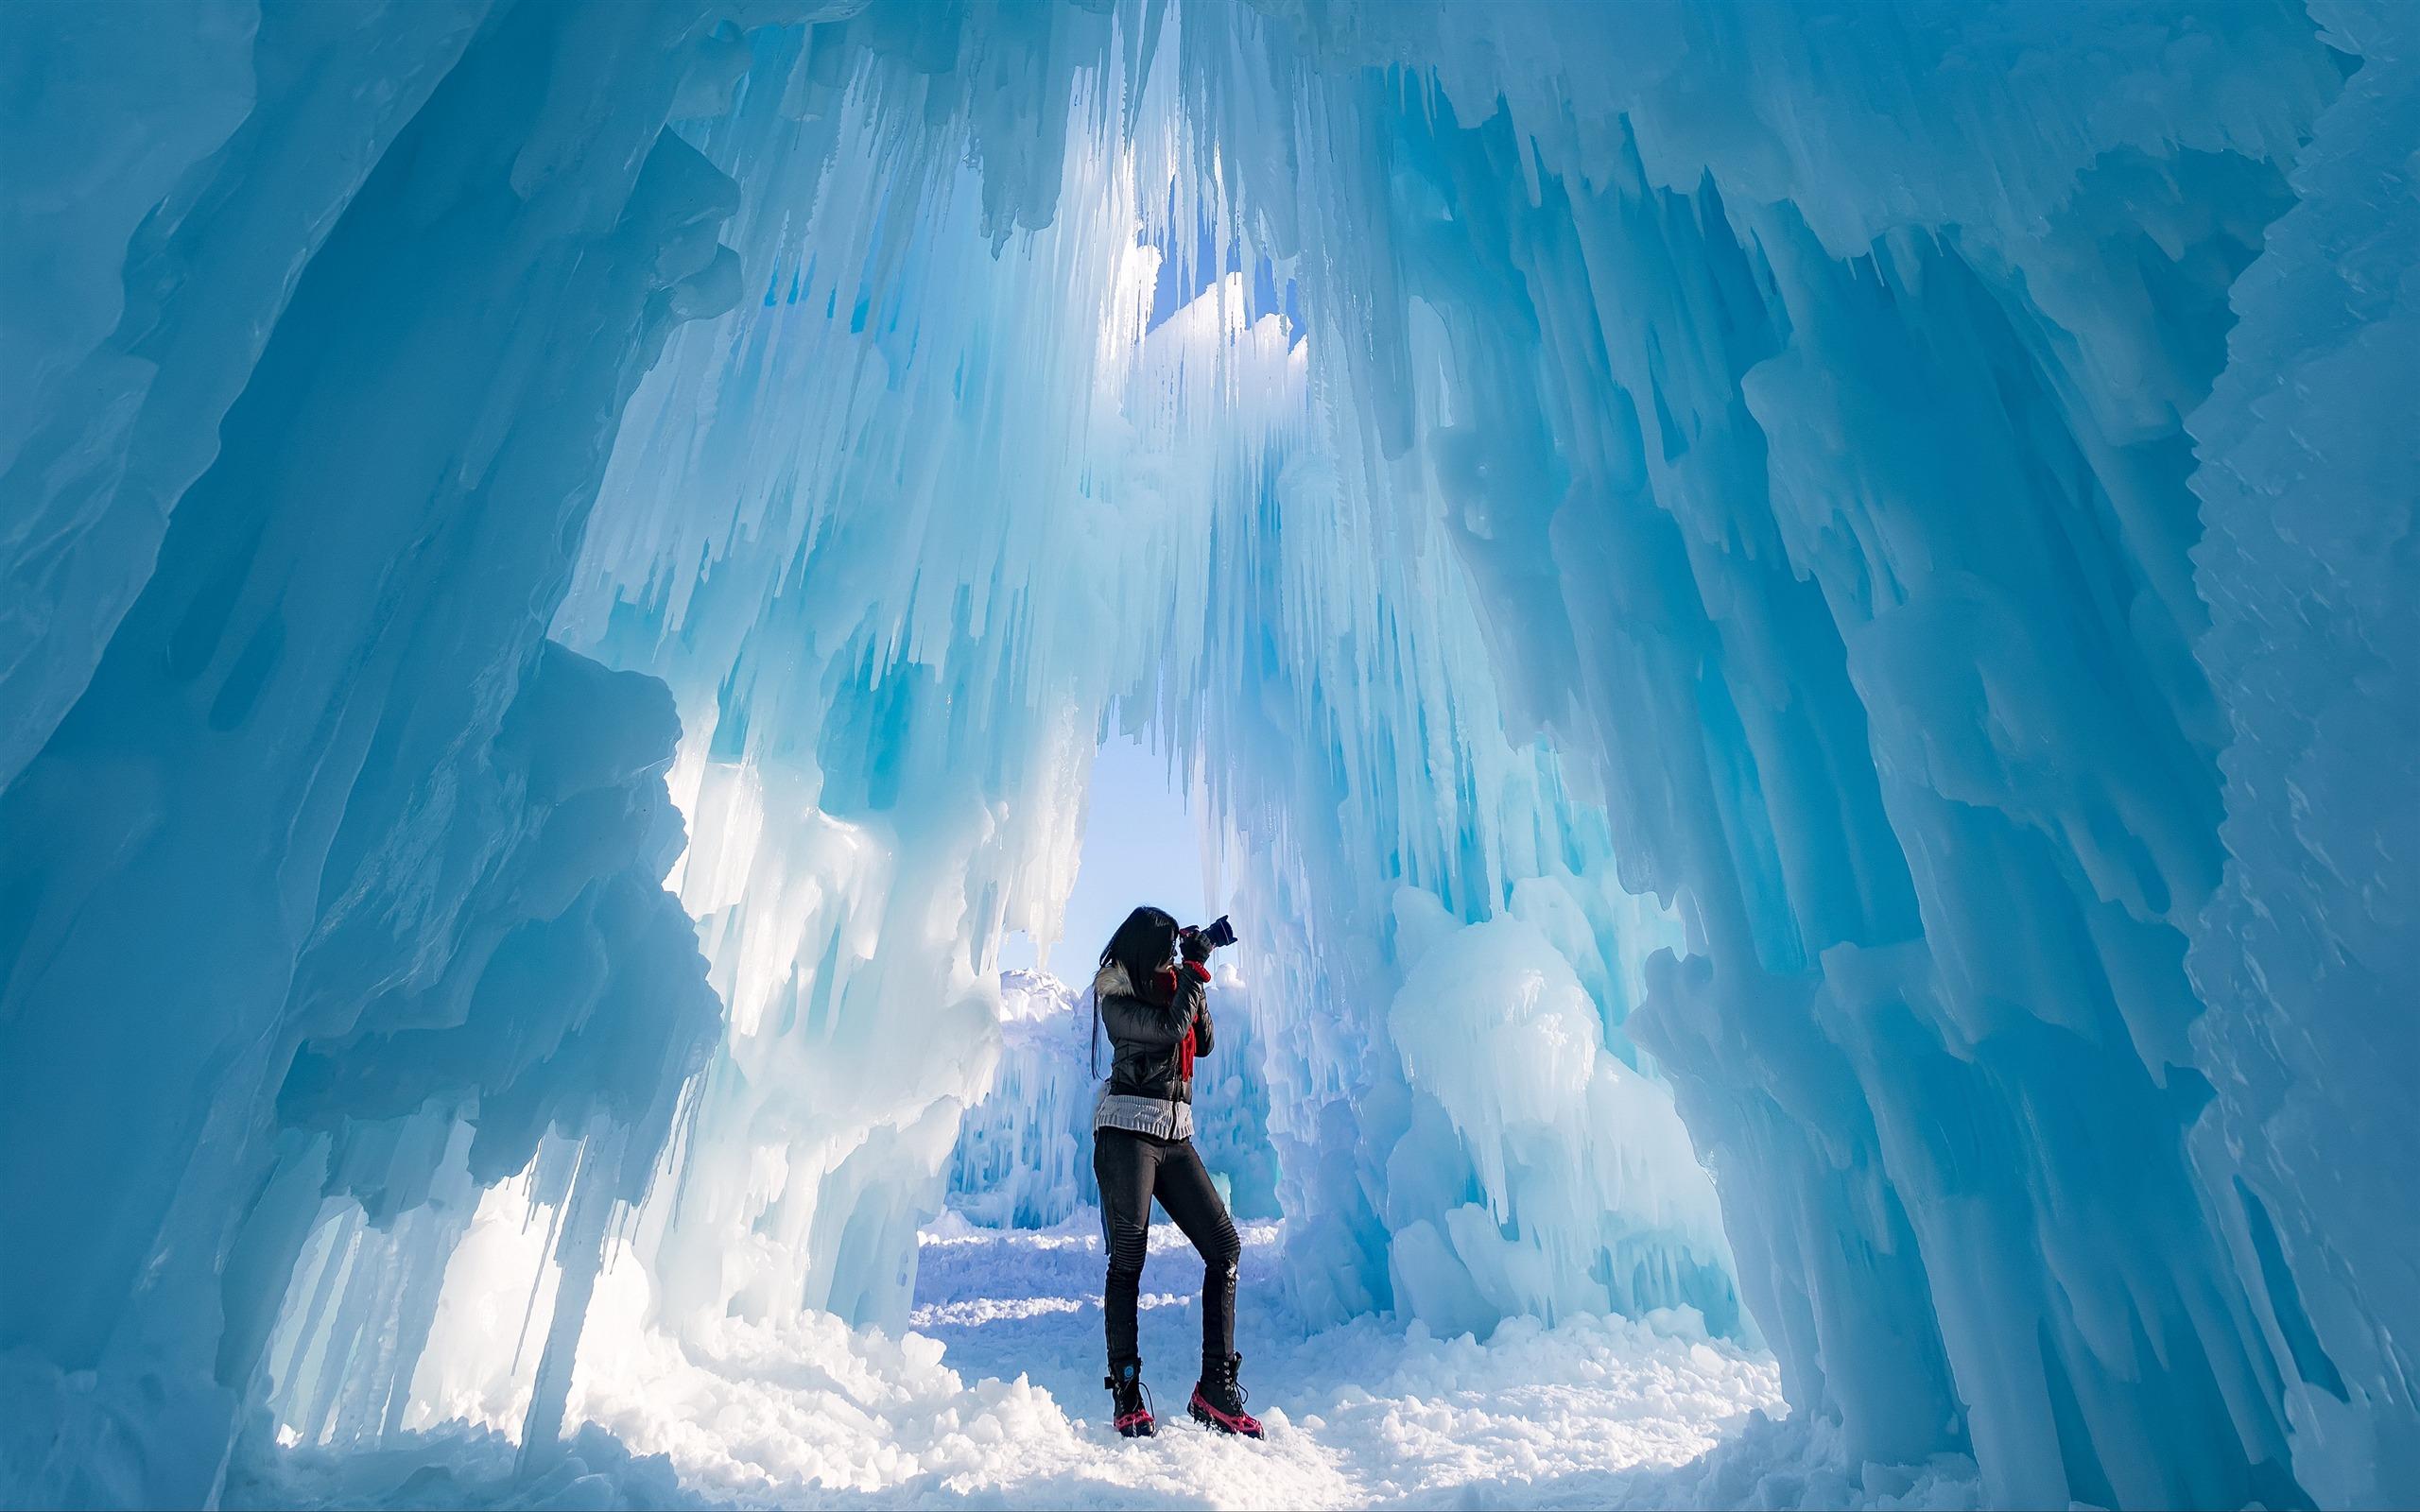 颁奖_蓝色,冰川,冰城堡,摄影师预览 | 10wallpaper.com